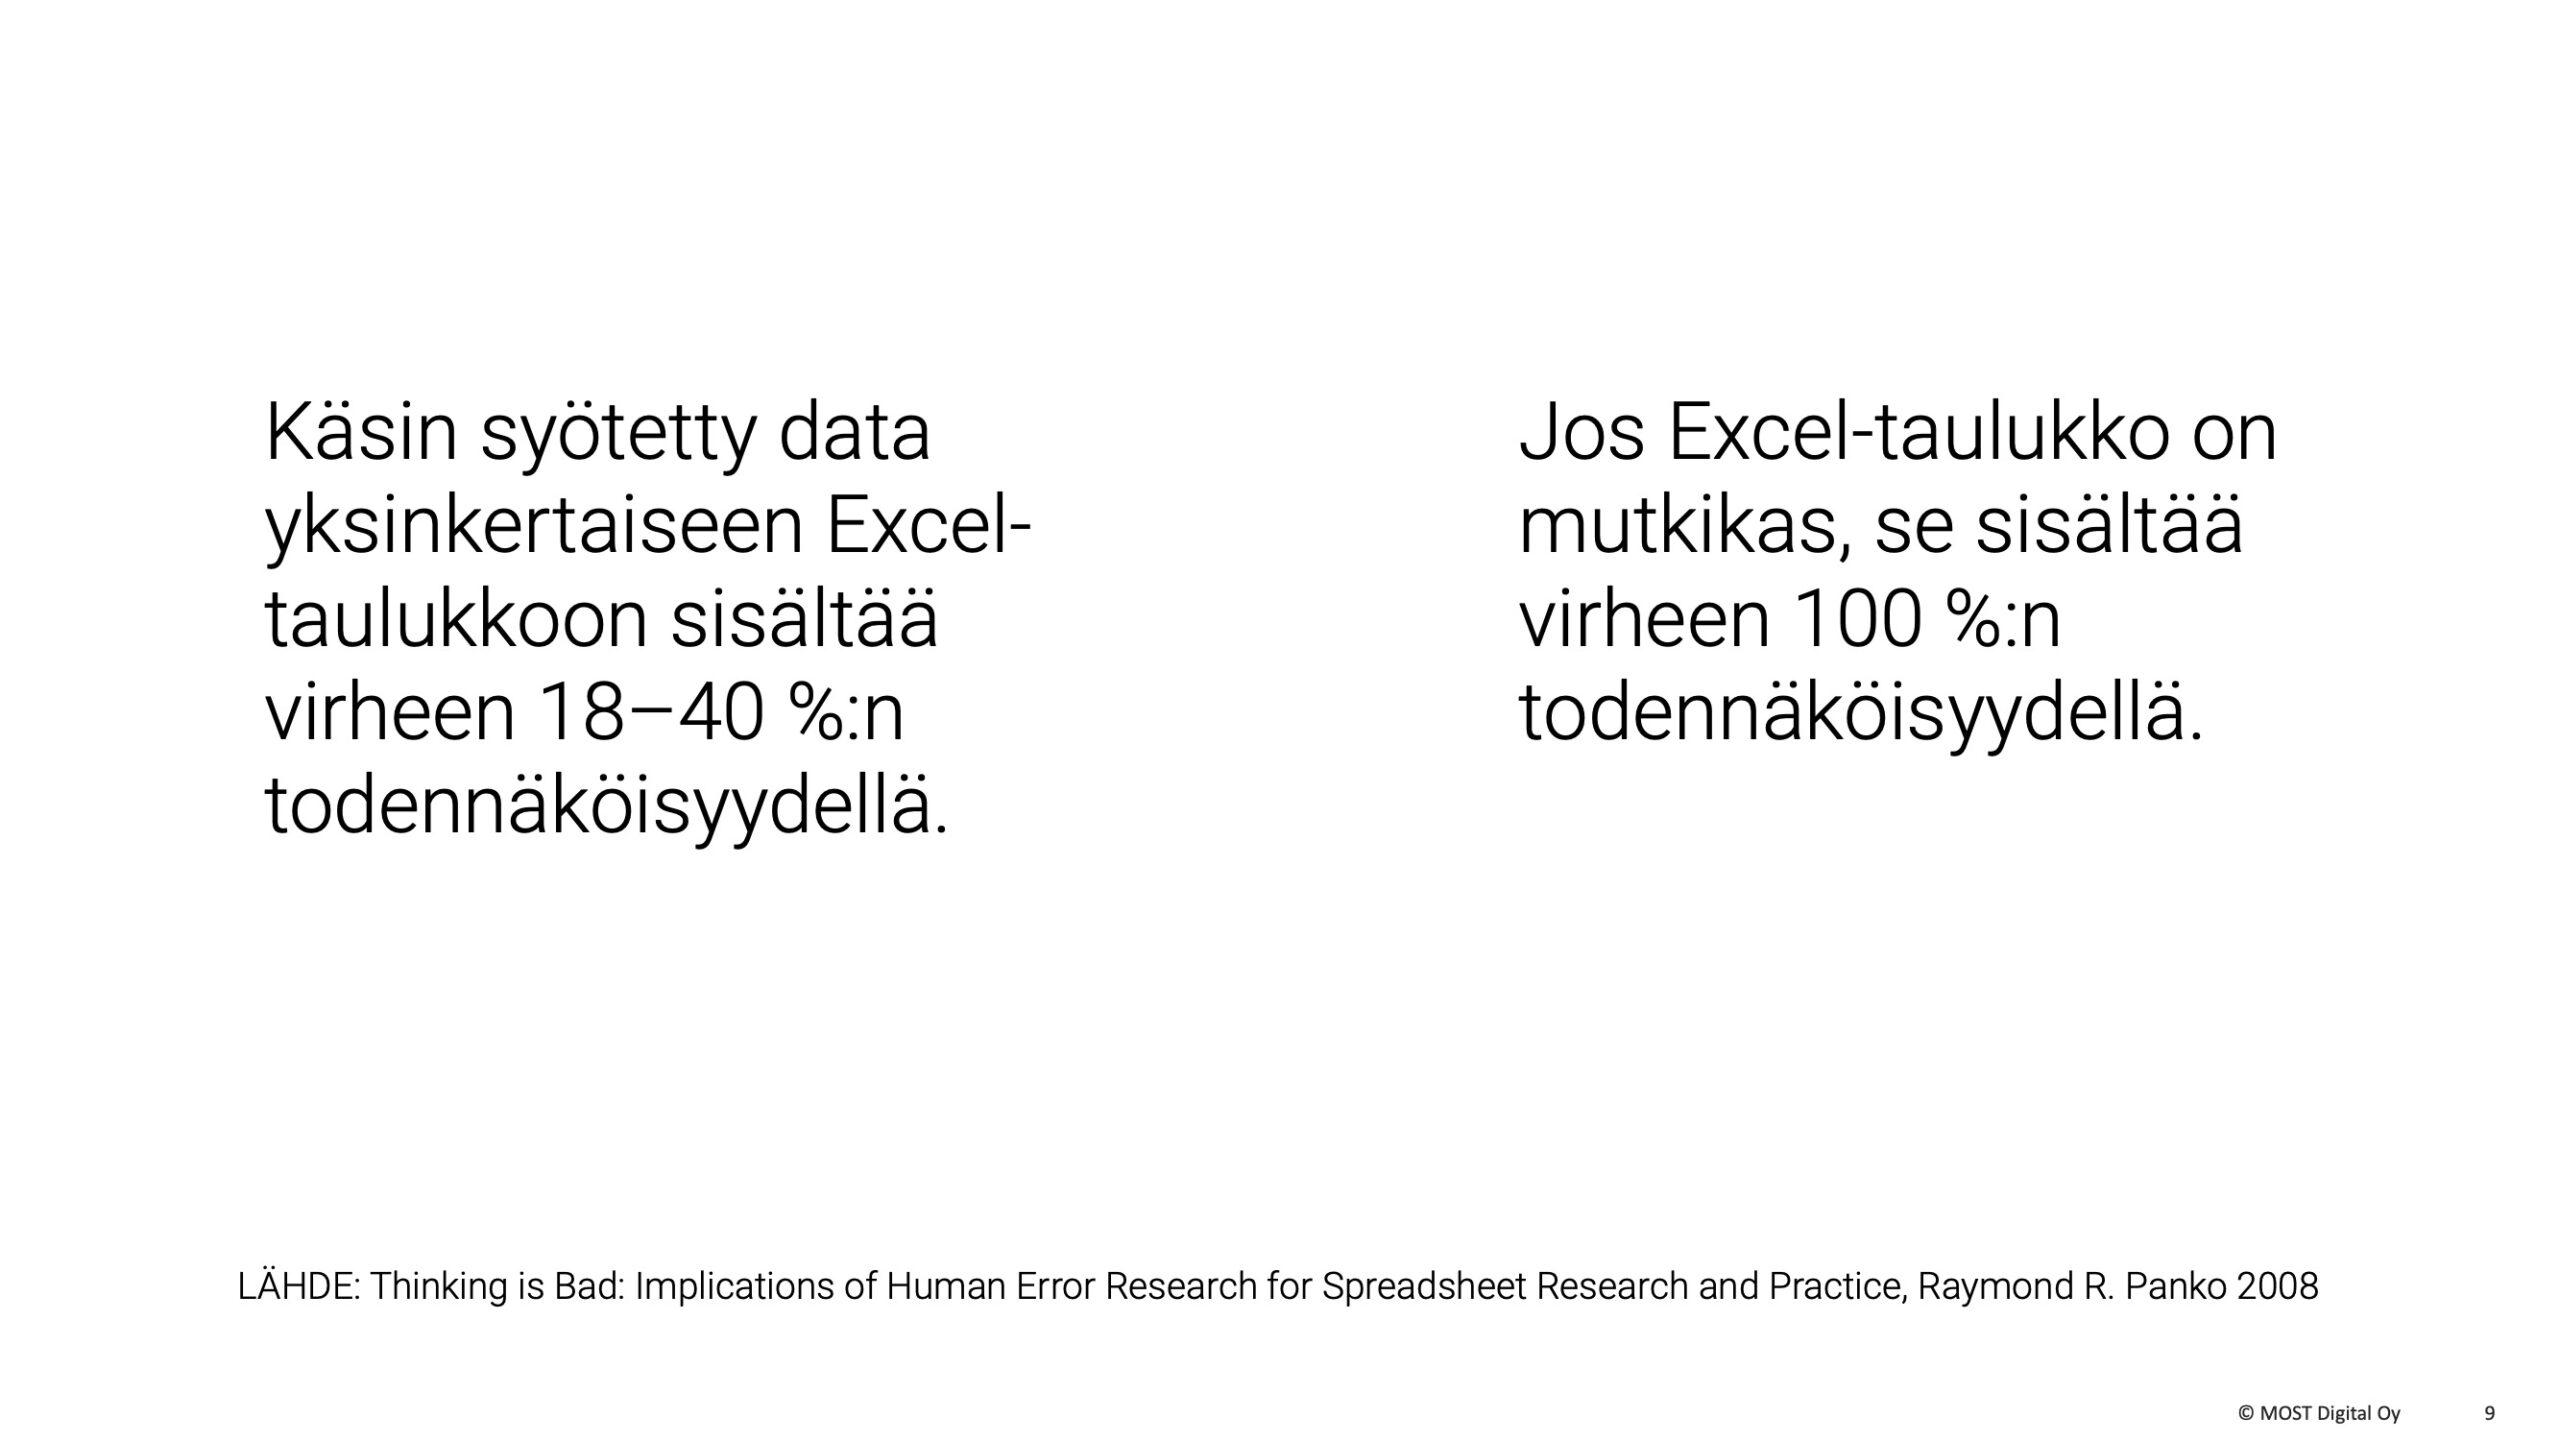 OIVA-ohjelmistorobotti, MYYNTISESITYS, osa 1, sivu 8: Tutkimuksen mukaan yksinkertaiseenkin Excel-taulukkoon tulee virheitä 18–40 % todennäköisyydellä. Mutkikkaaseen tulee vähintään yksi virhe väkisinkin.